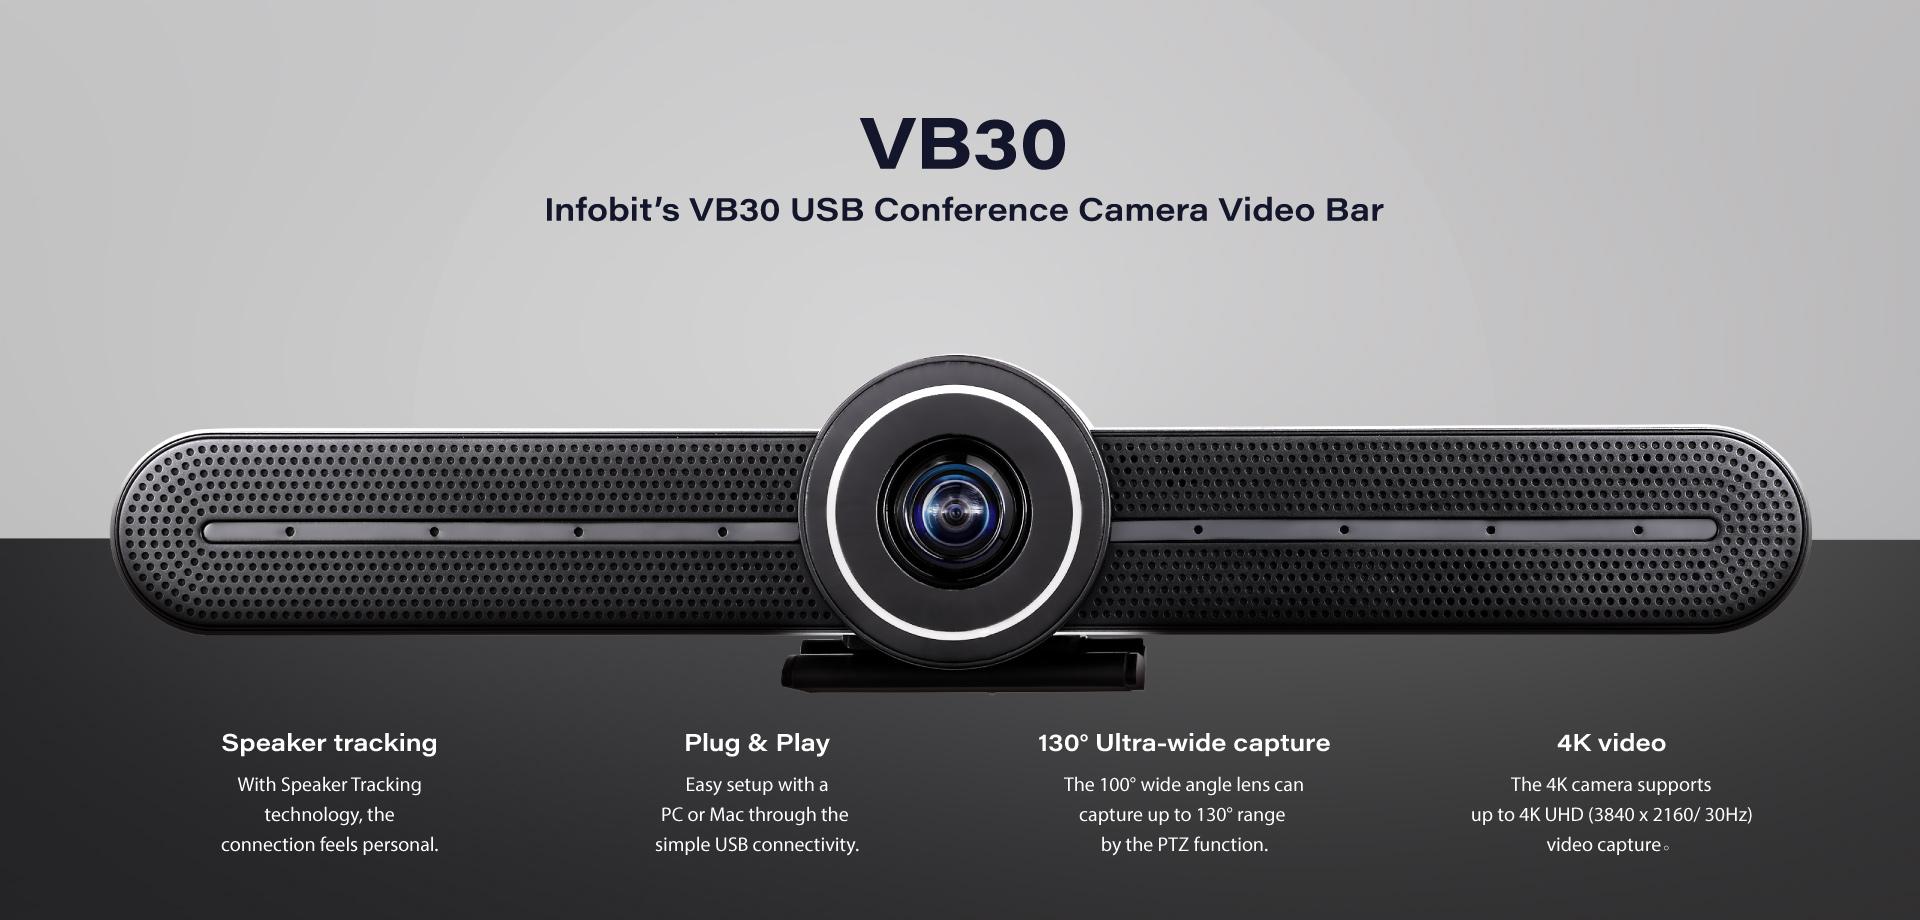 iCam VB30 USB conference camera